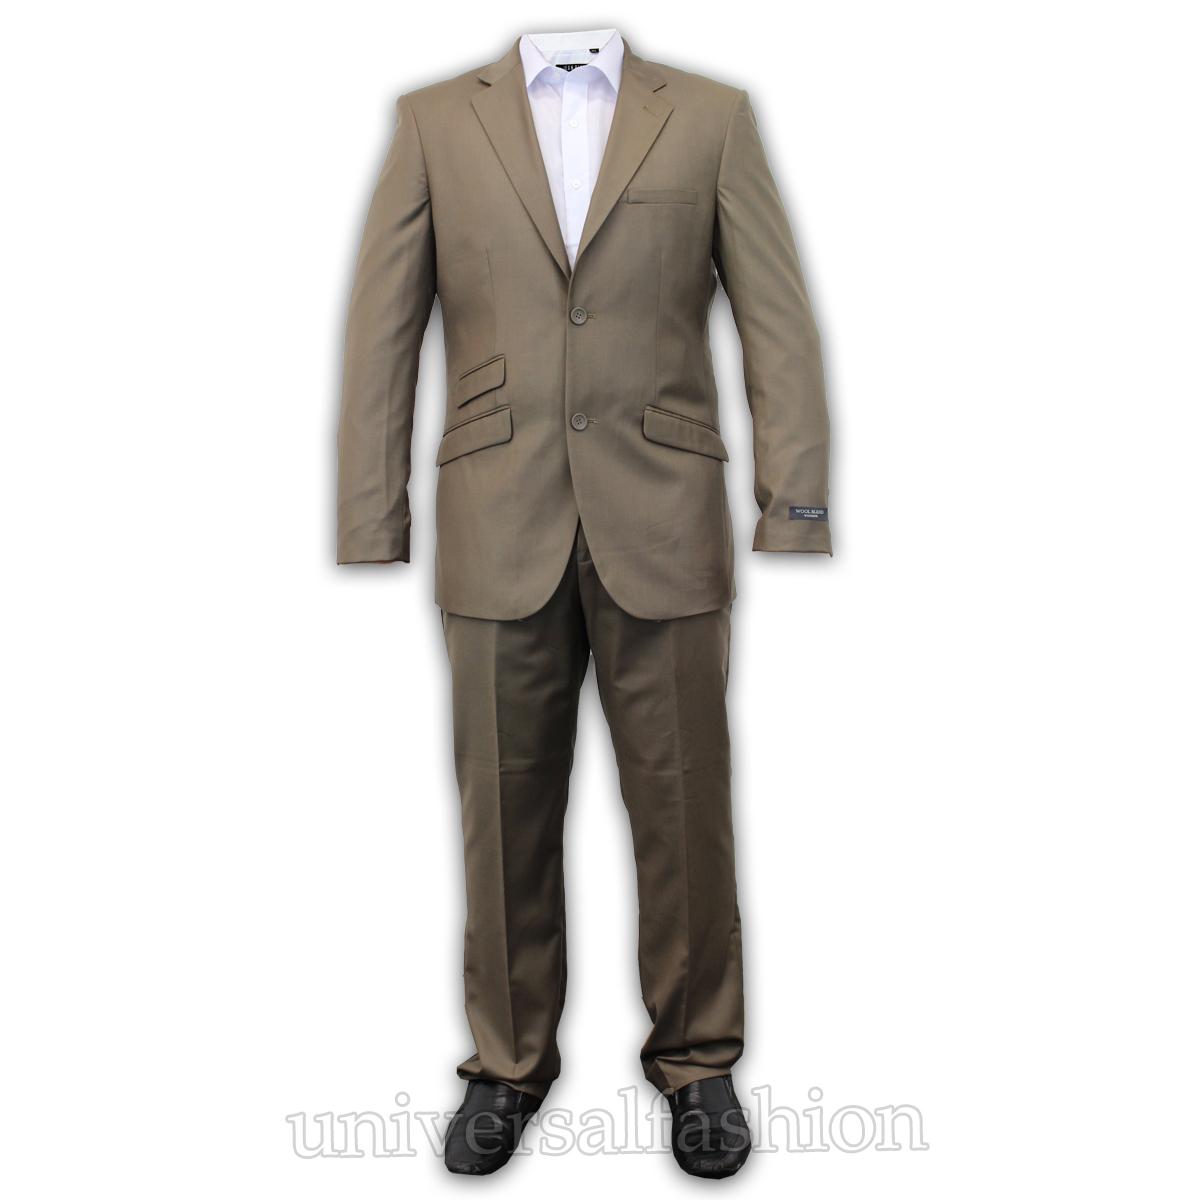 Mens Voeut Blazer Trouser Wool Mix Suit 2 Piece Pant Coat